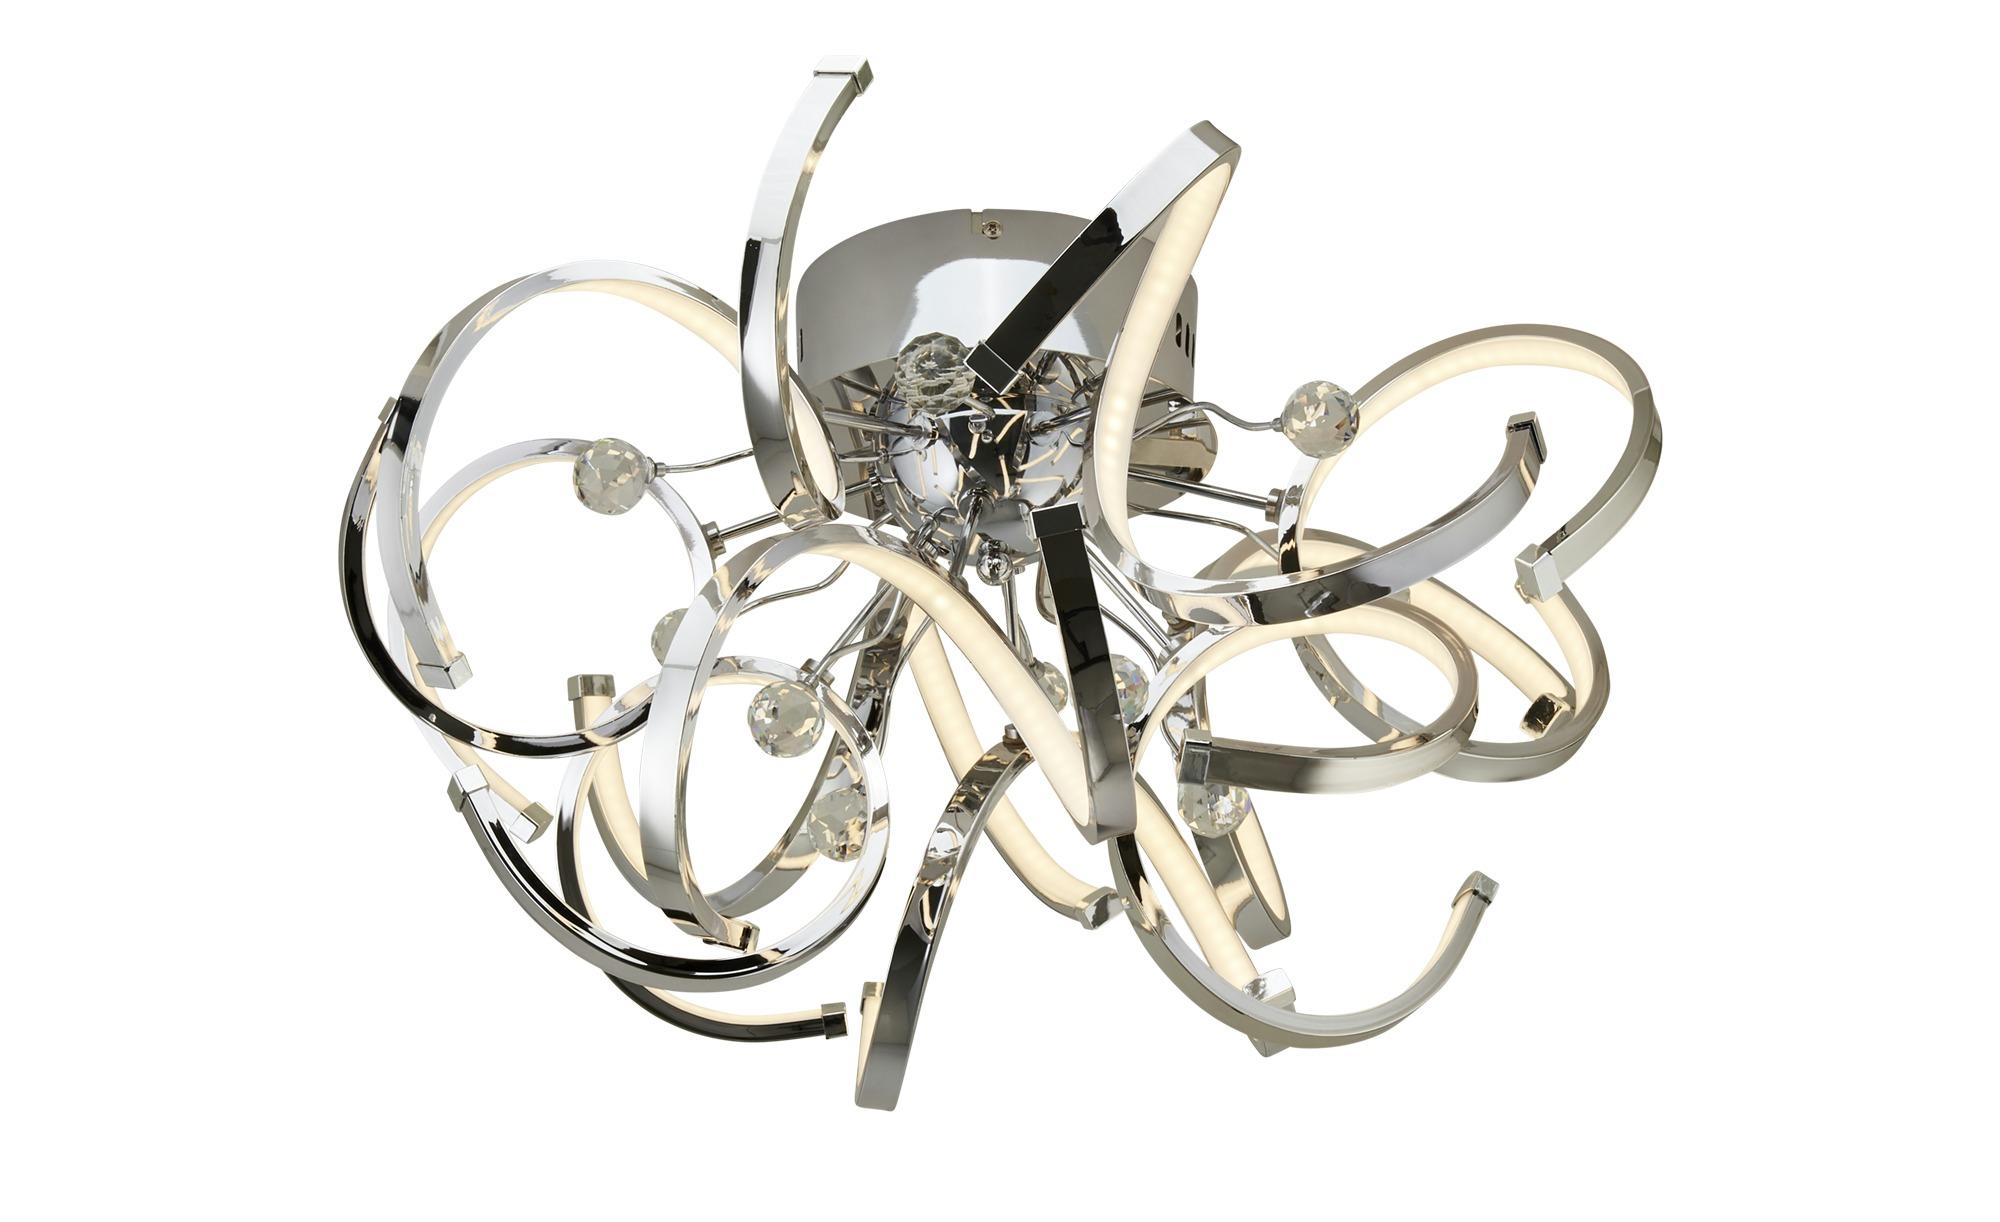 KHG LED-Deckenleuchte, Chrom mit Kristall ¦ silber ¦ Maße (cm): H: 34 Ø: 54 Lampen & Leuchten > Innenleuchten > Deckenleuchten - Höffner